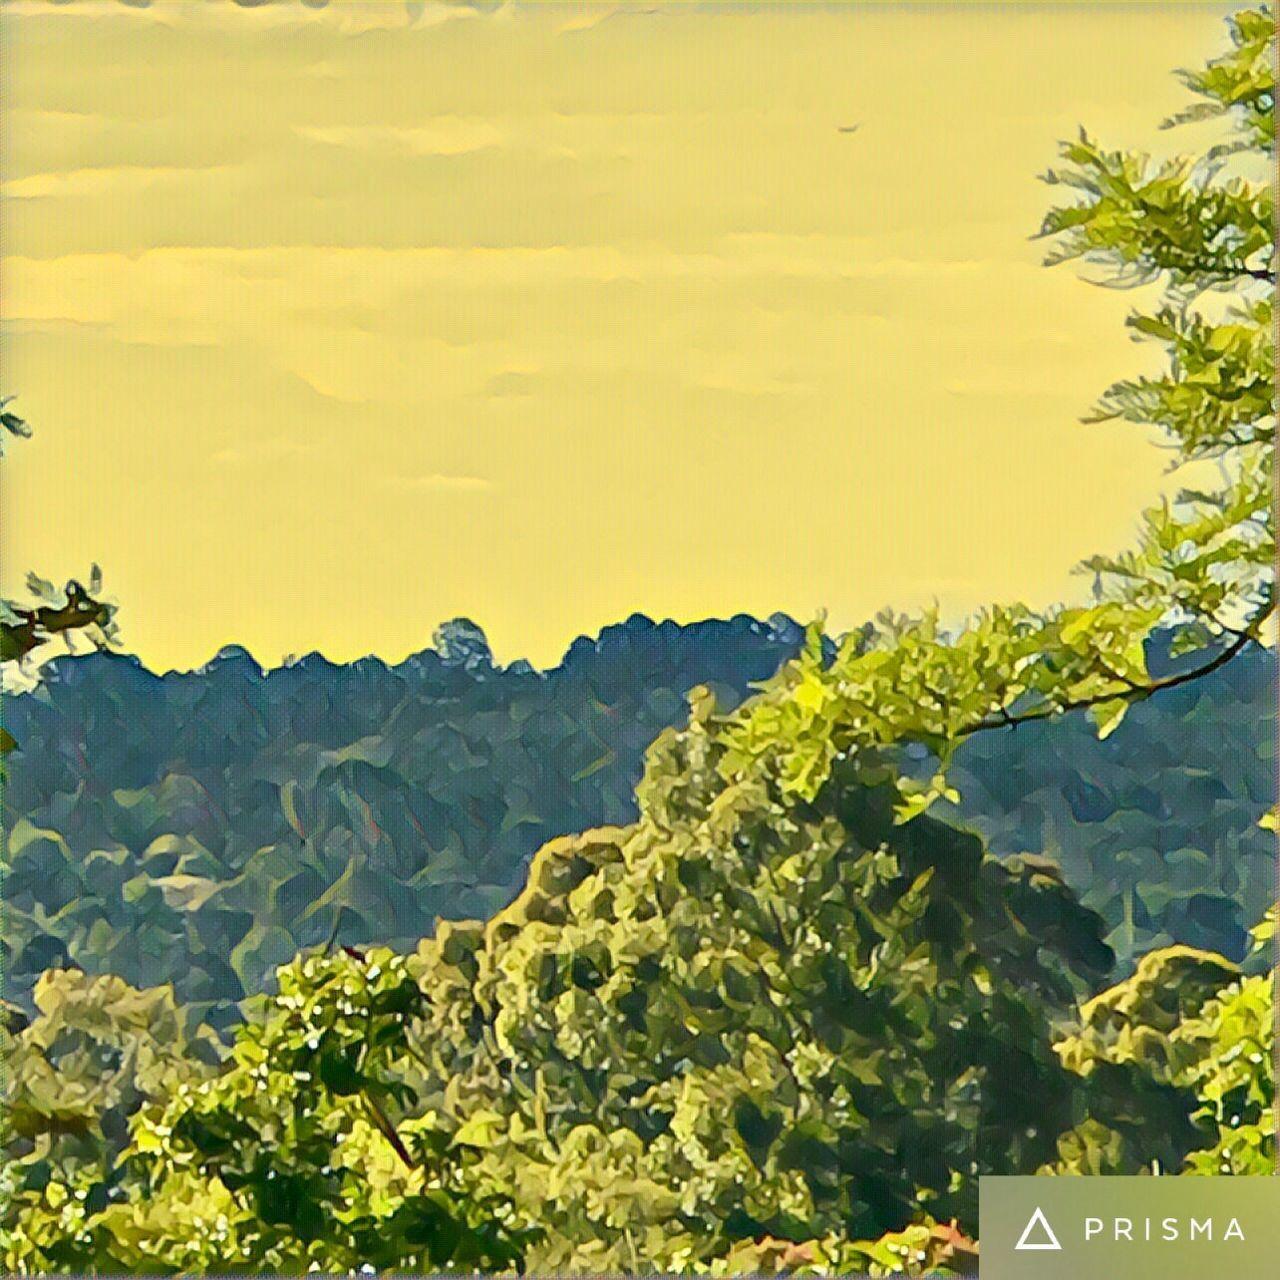 Tree Art 🍃🌳🌲🍂 Tree Trees Nature Skies Prisma Art 🍃🌳🌲🍂